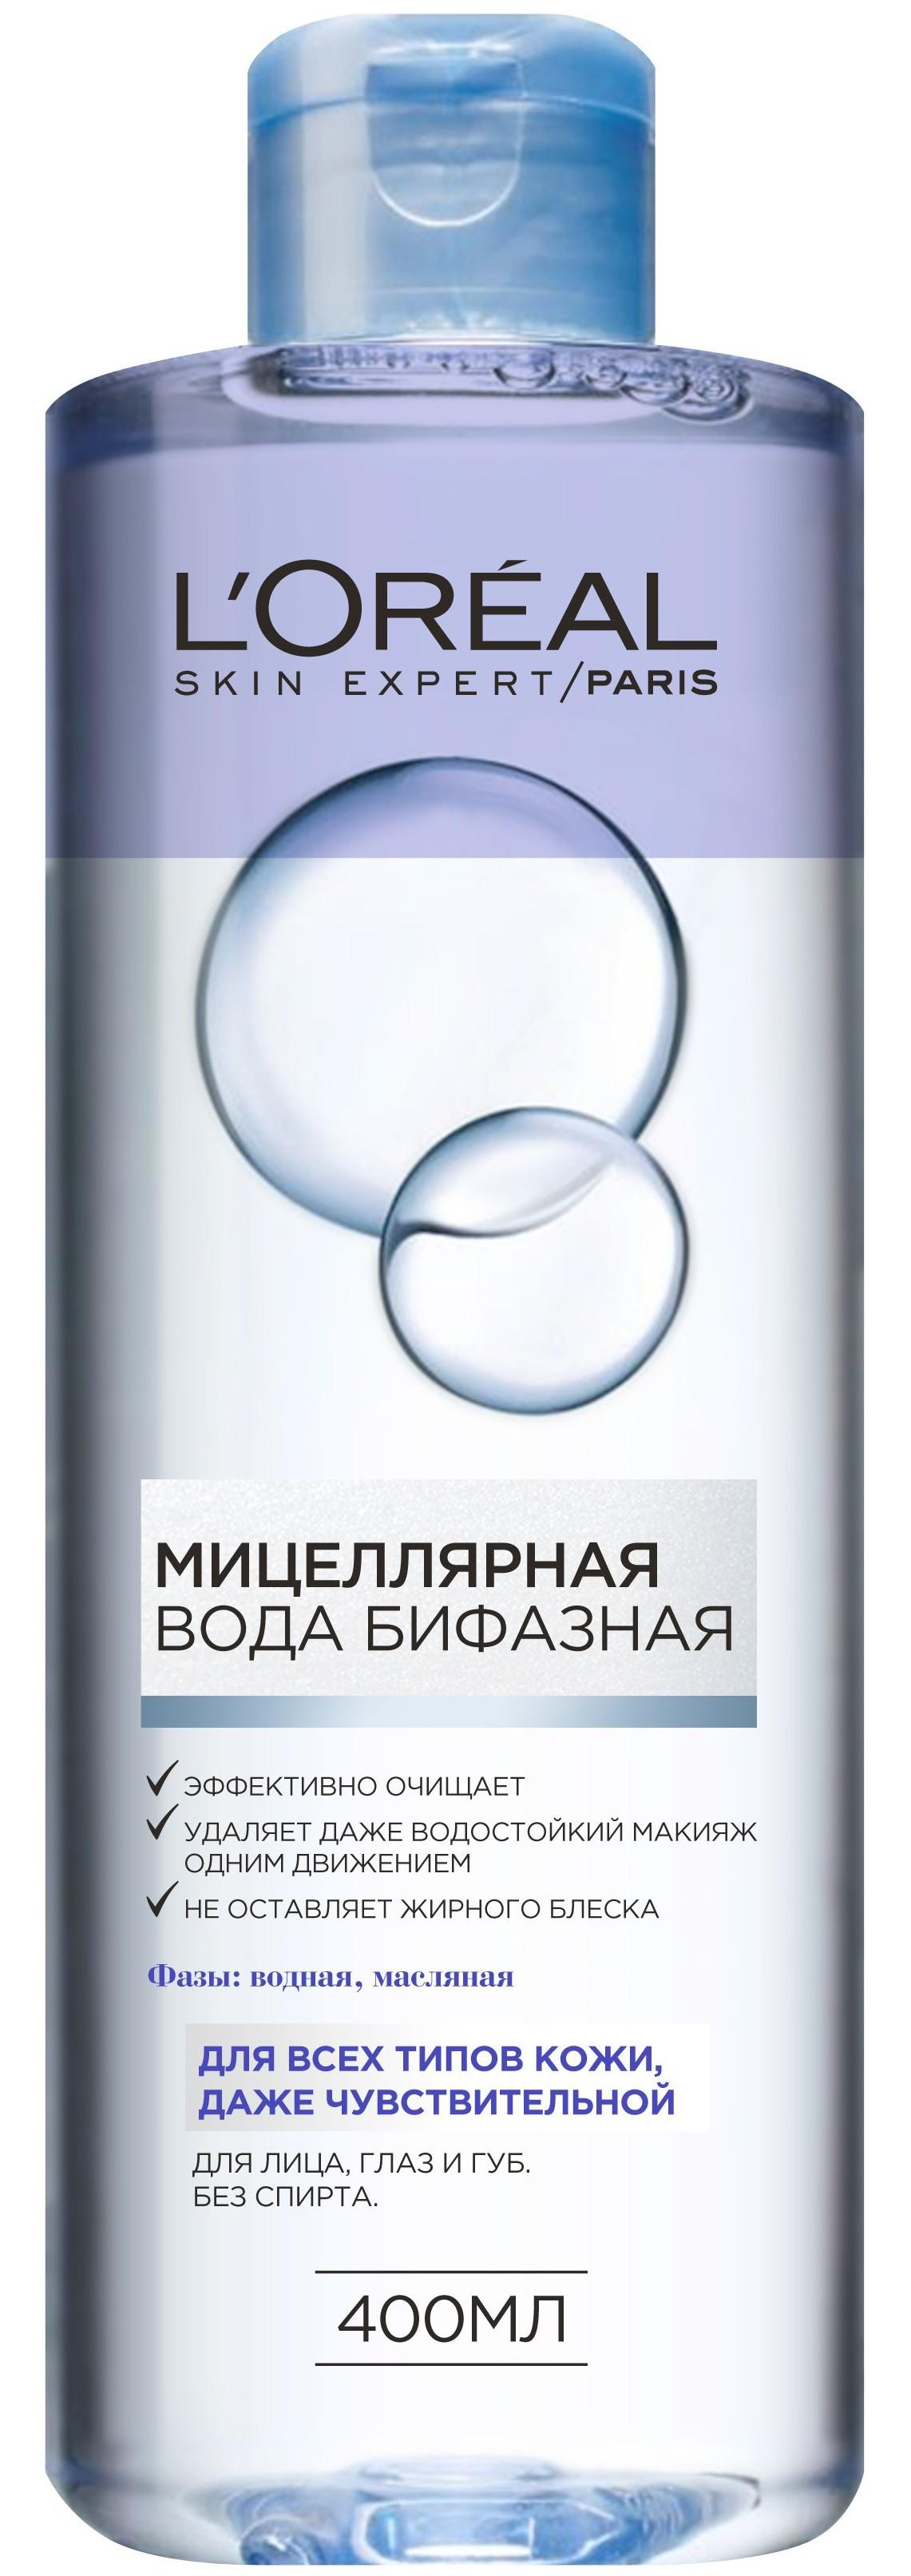 L'Oreal Paris Мицeллярная вода Бифазная, для всех типов кожи, 400 мл